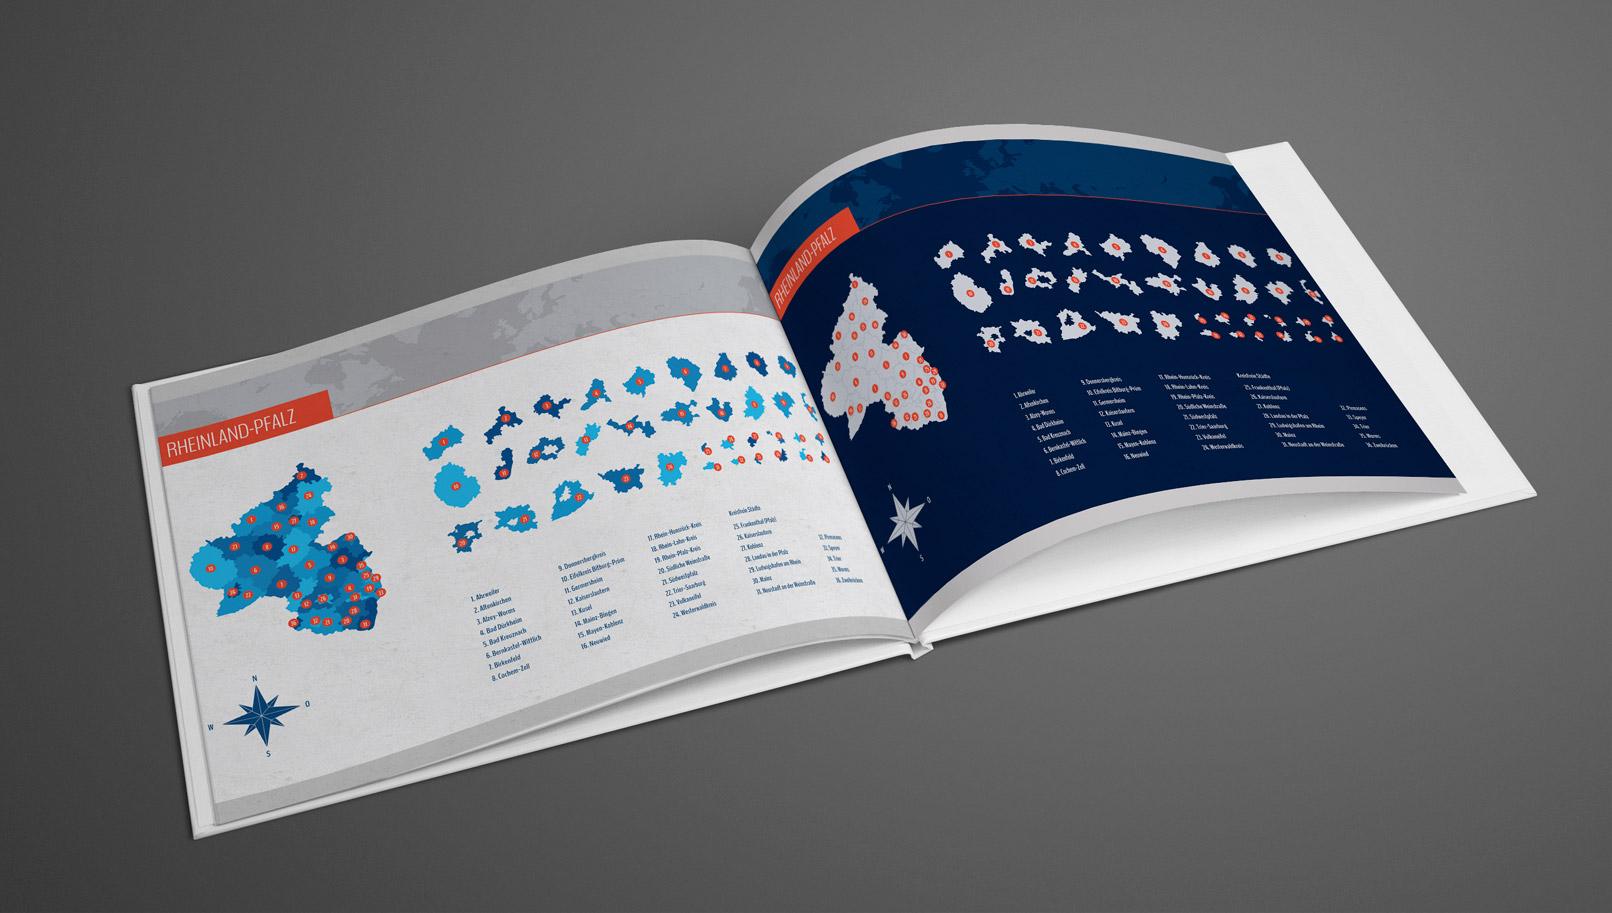 Broschüre mit der Landkarte von Nordrhein-Westfalen